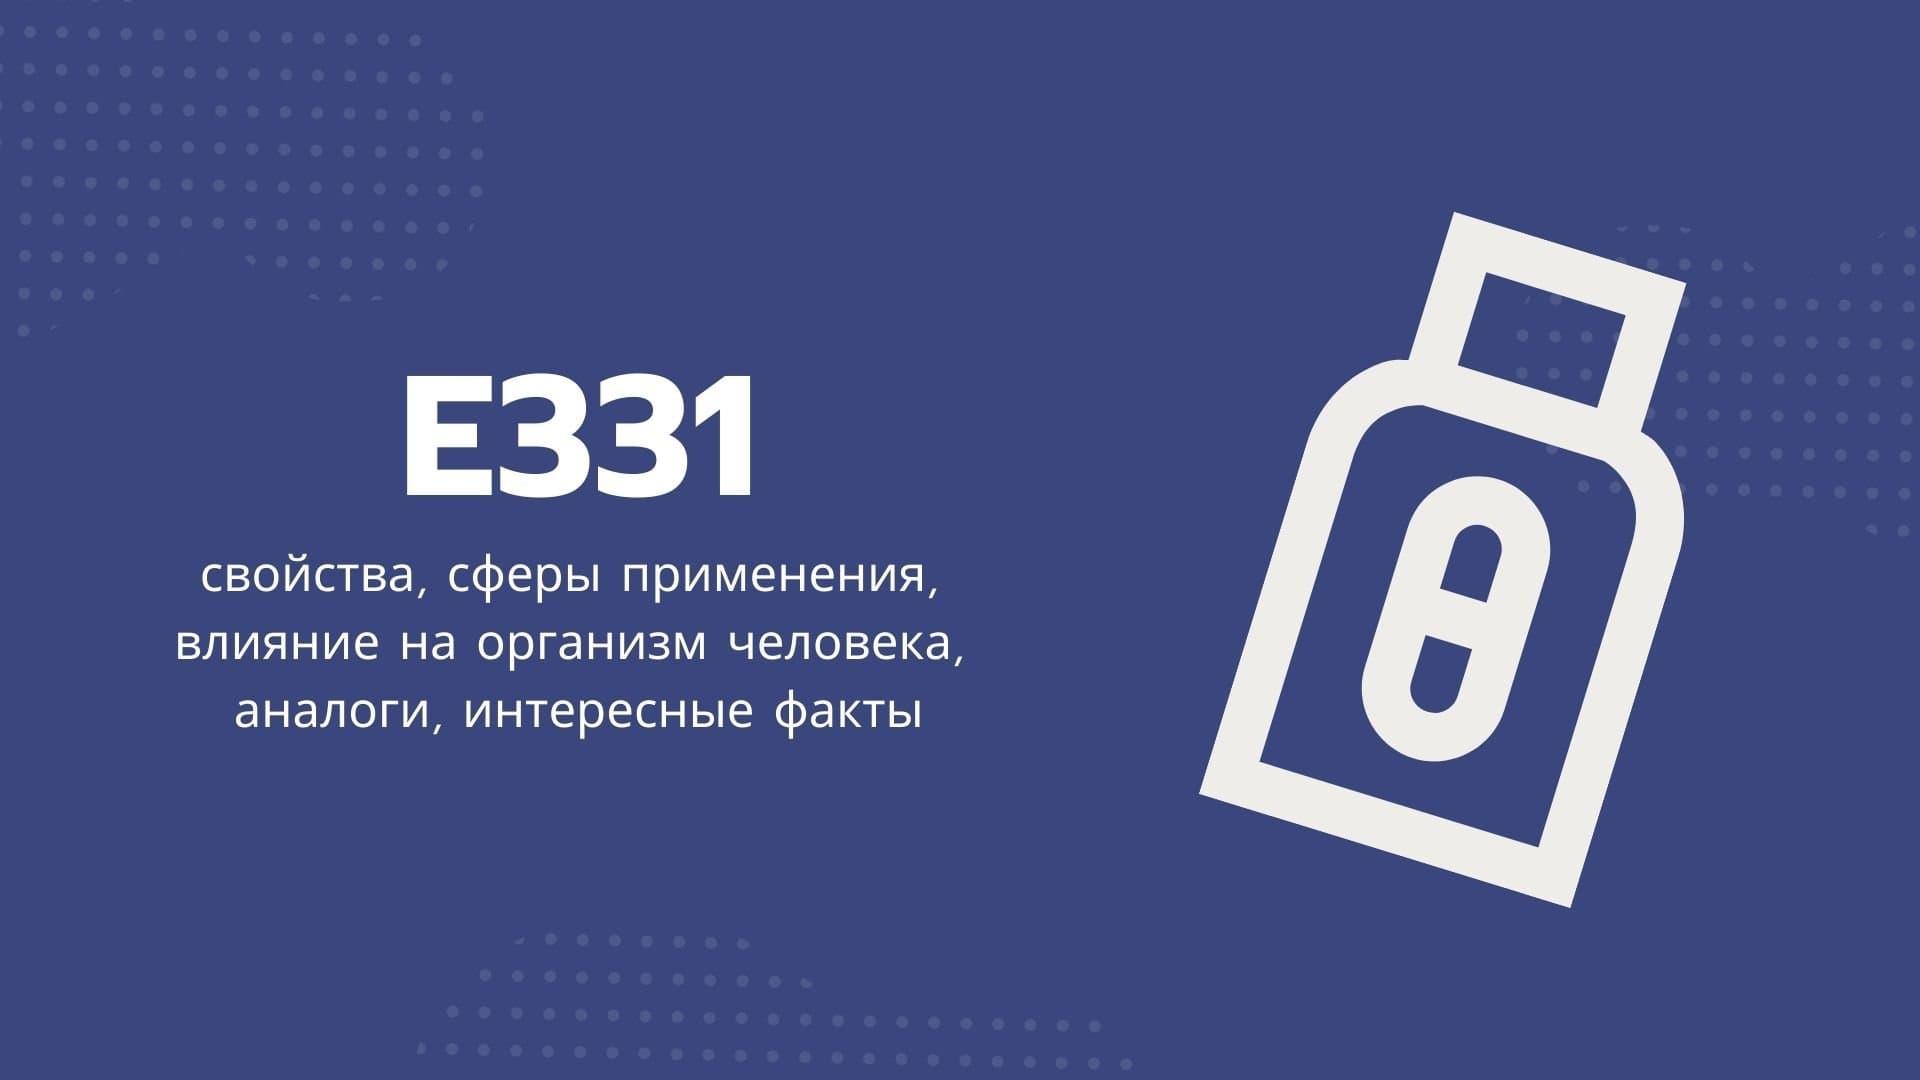 Е331: свойства, сферы применения, влияние на организм человека, аналоги, интересные факты